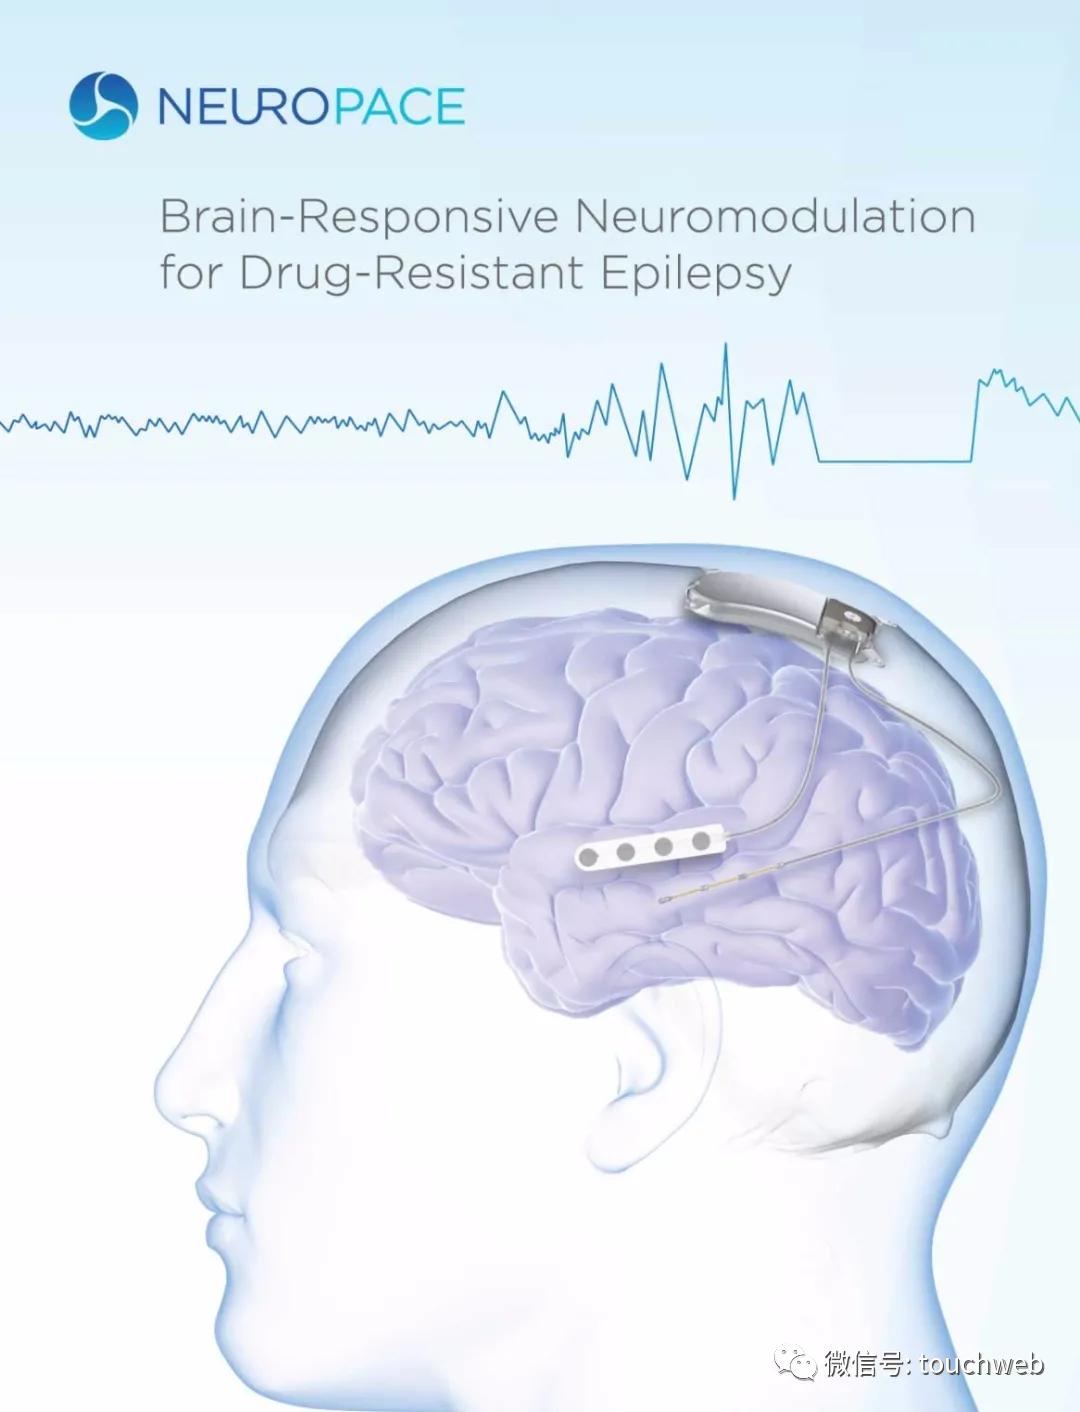 脑神经治疗企业NeuroPace上市:上涨47% 市值5.6亿美元